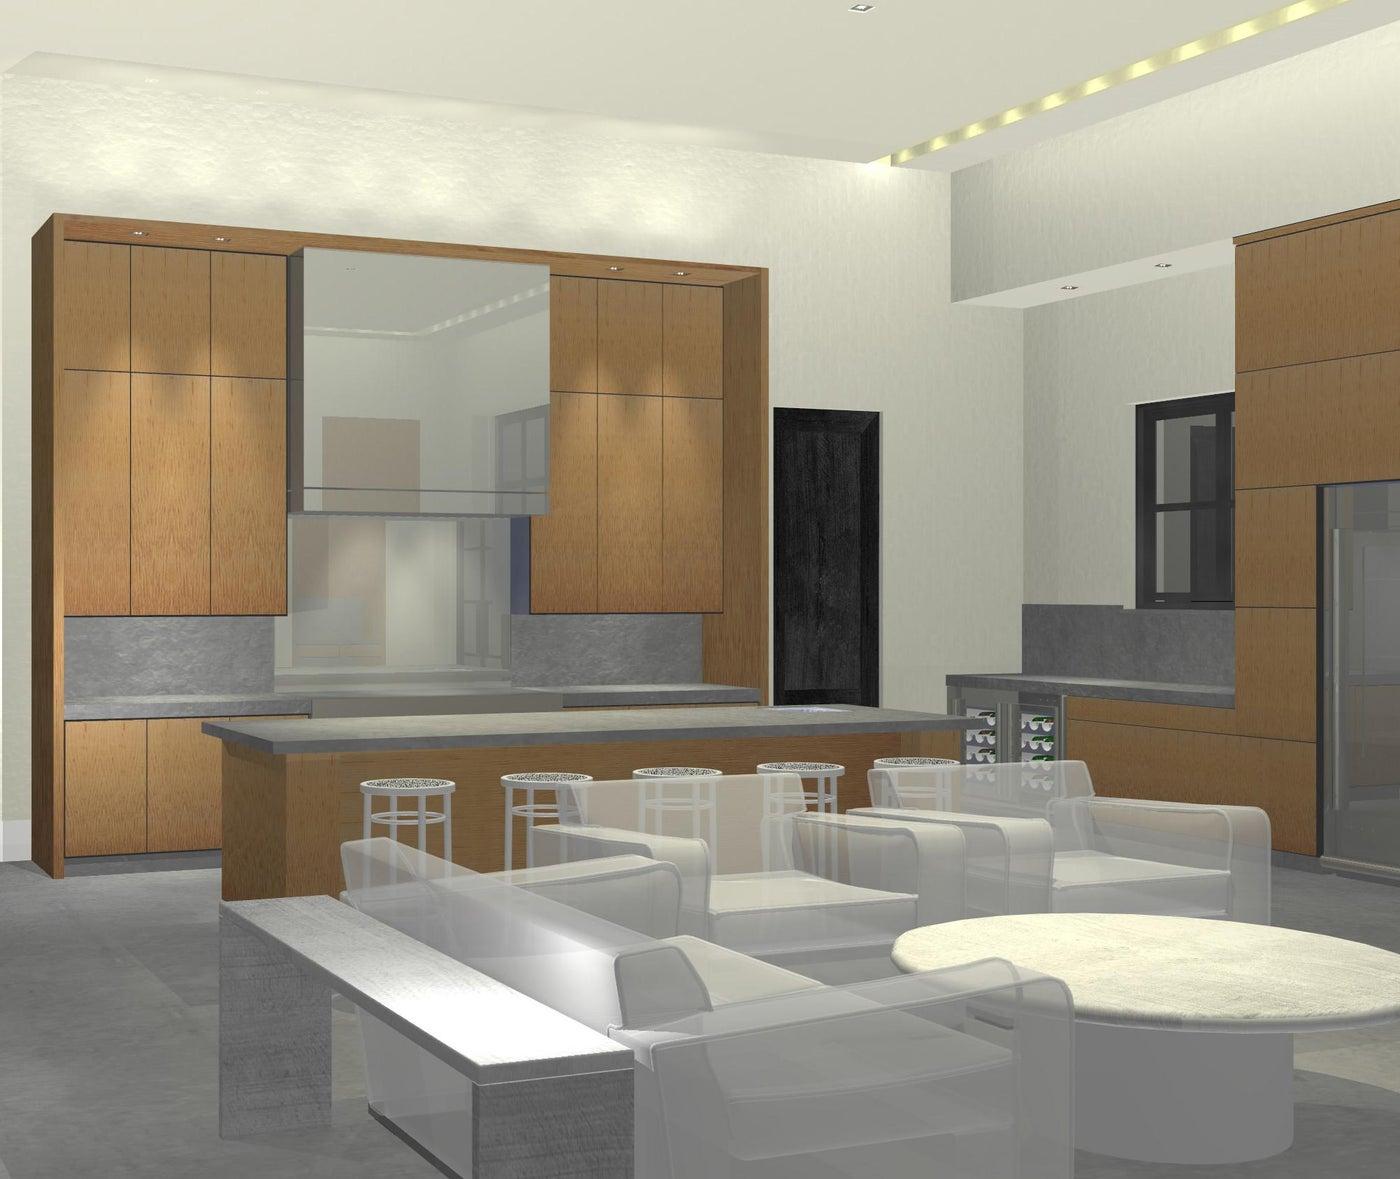 Residential Project, LA - Work in Progress